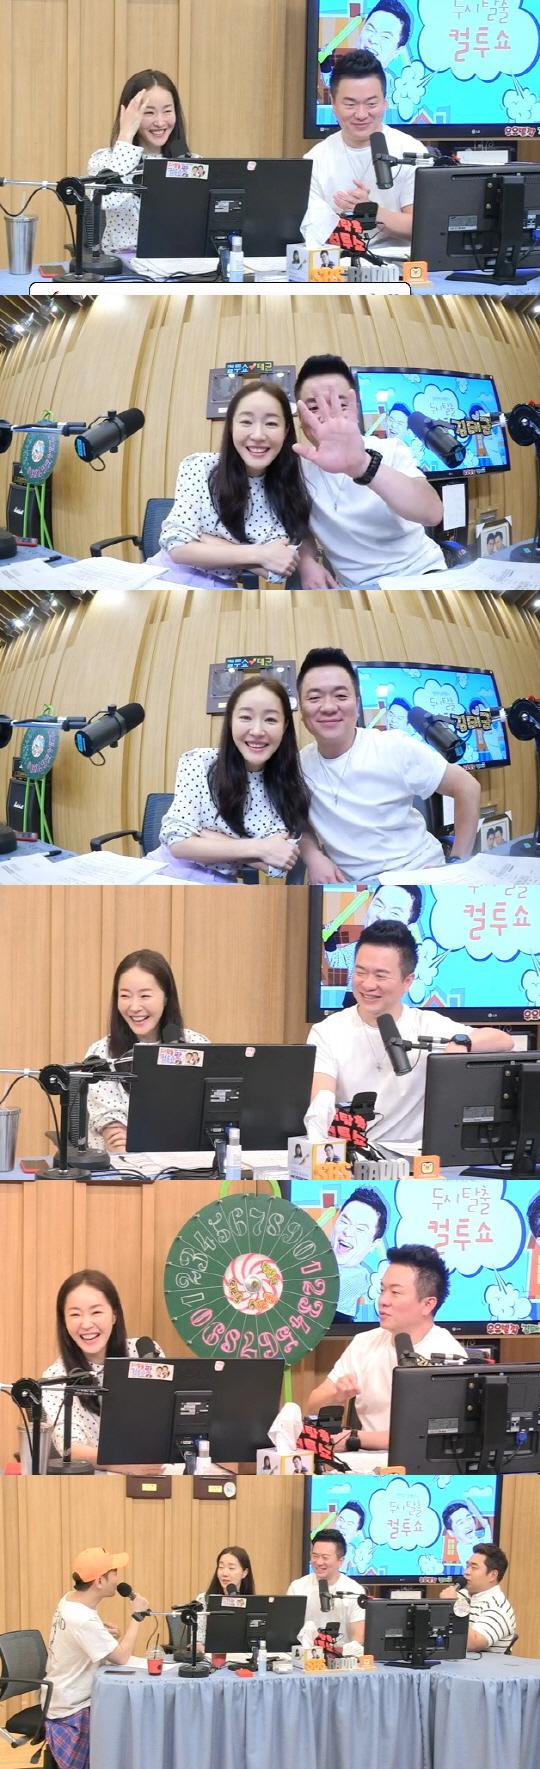 '컬투쇼' 스페셜 DJ 엄지원, '우아+털털' 반전매력 여배우[종합]